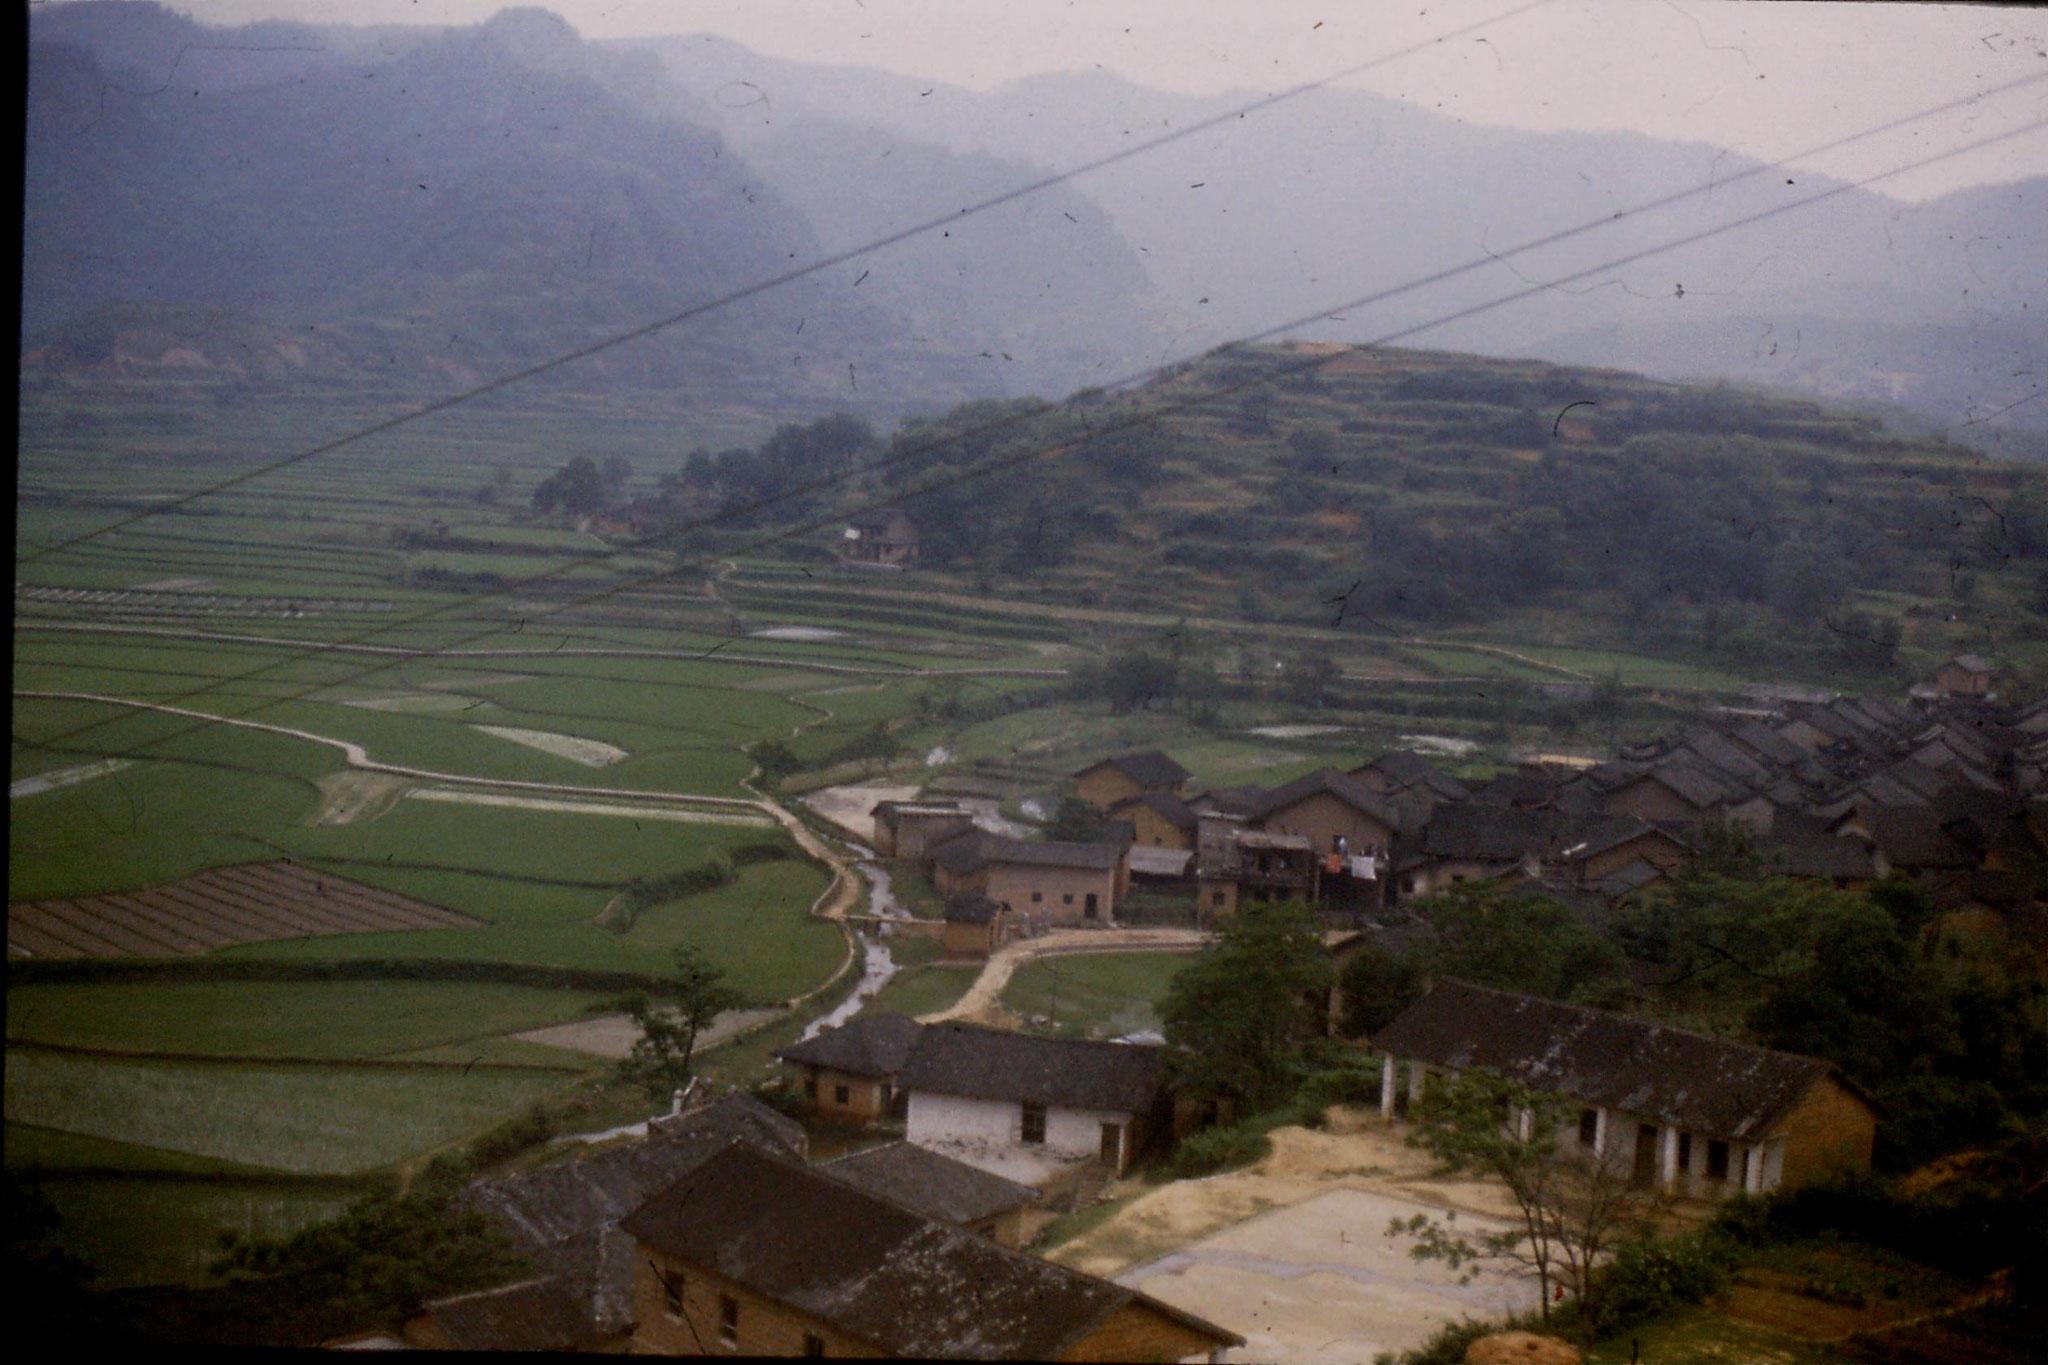 20/5/1989: 16: Guangzhou to Hangzhou, 1200